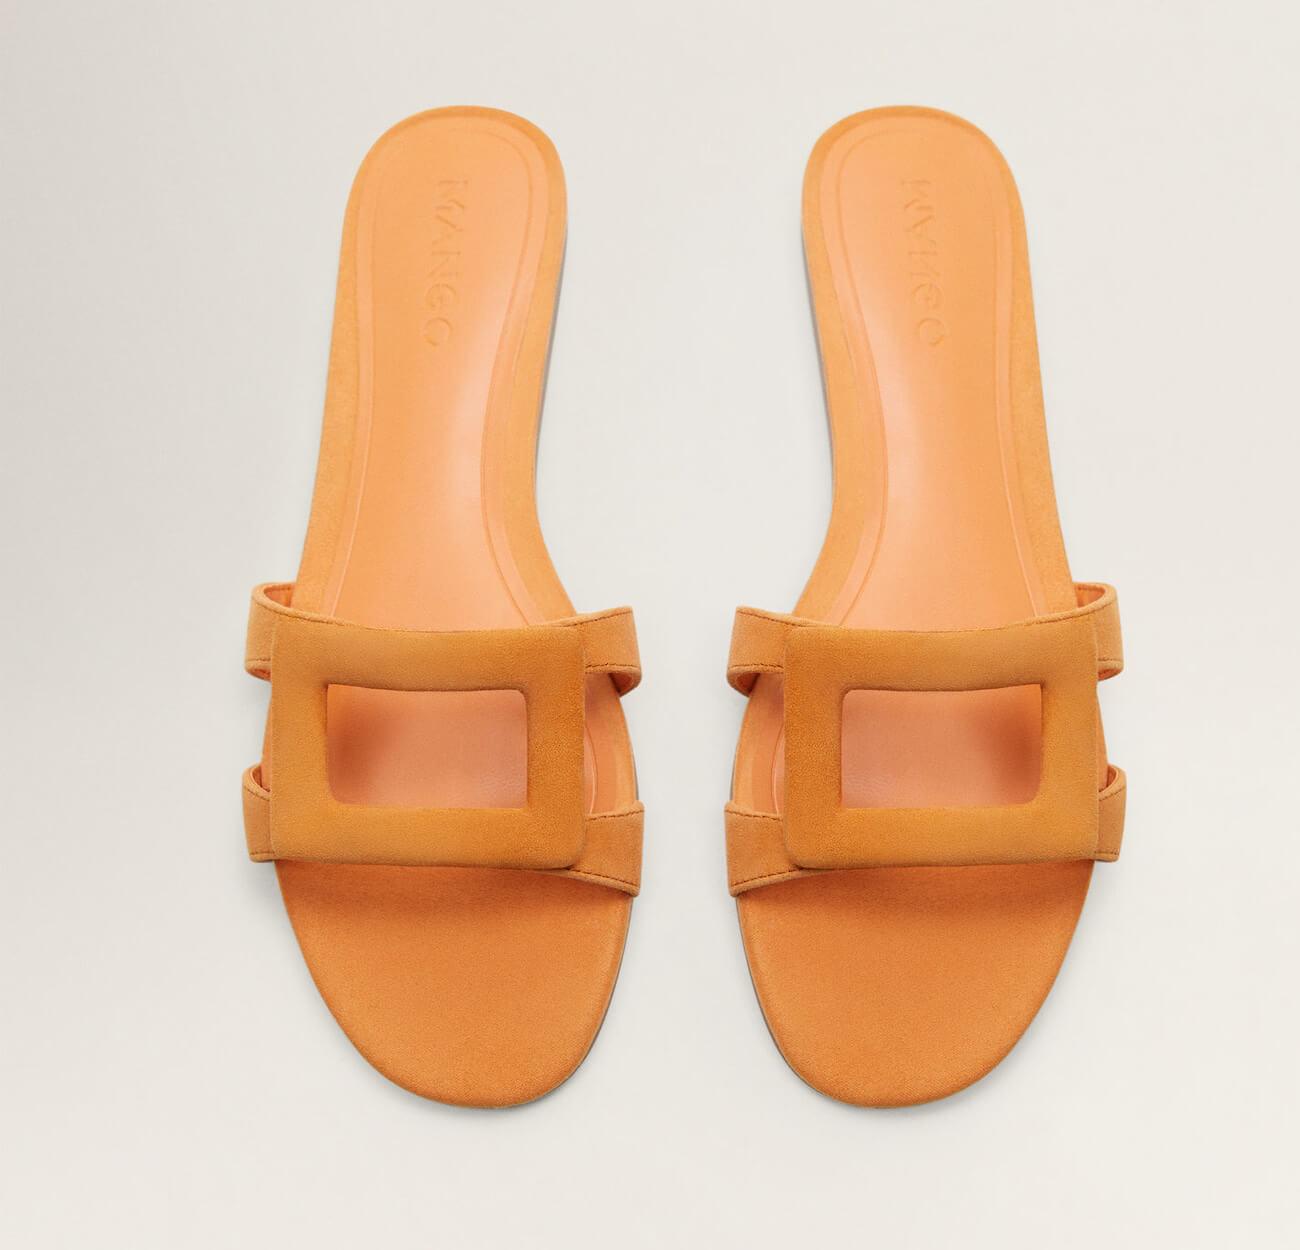 Sandalia de cuero